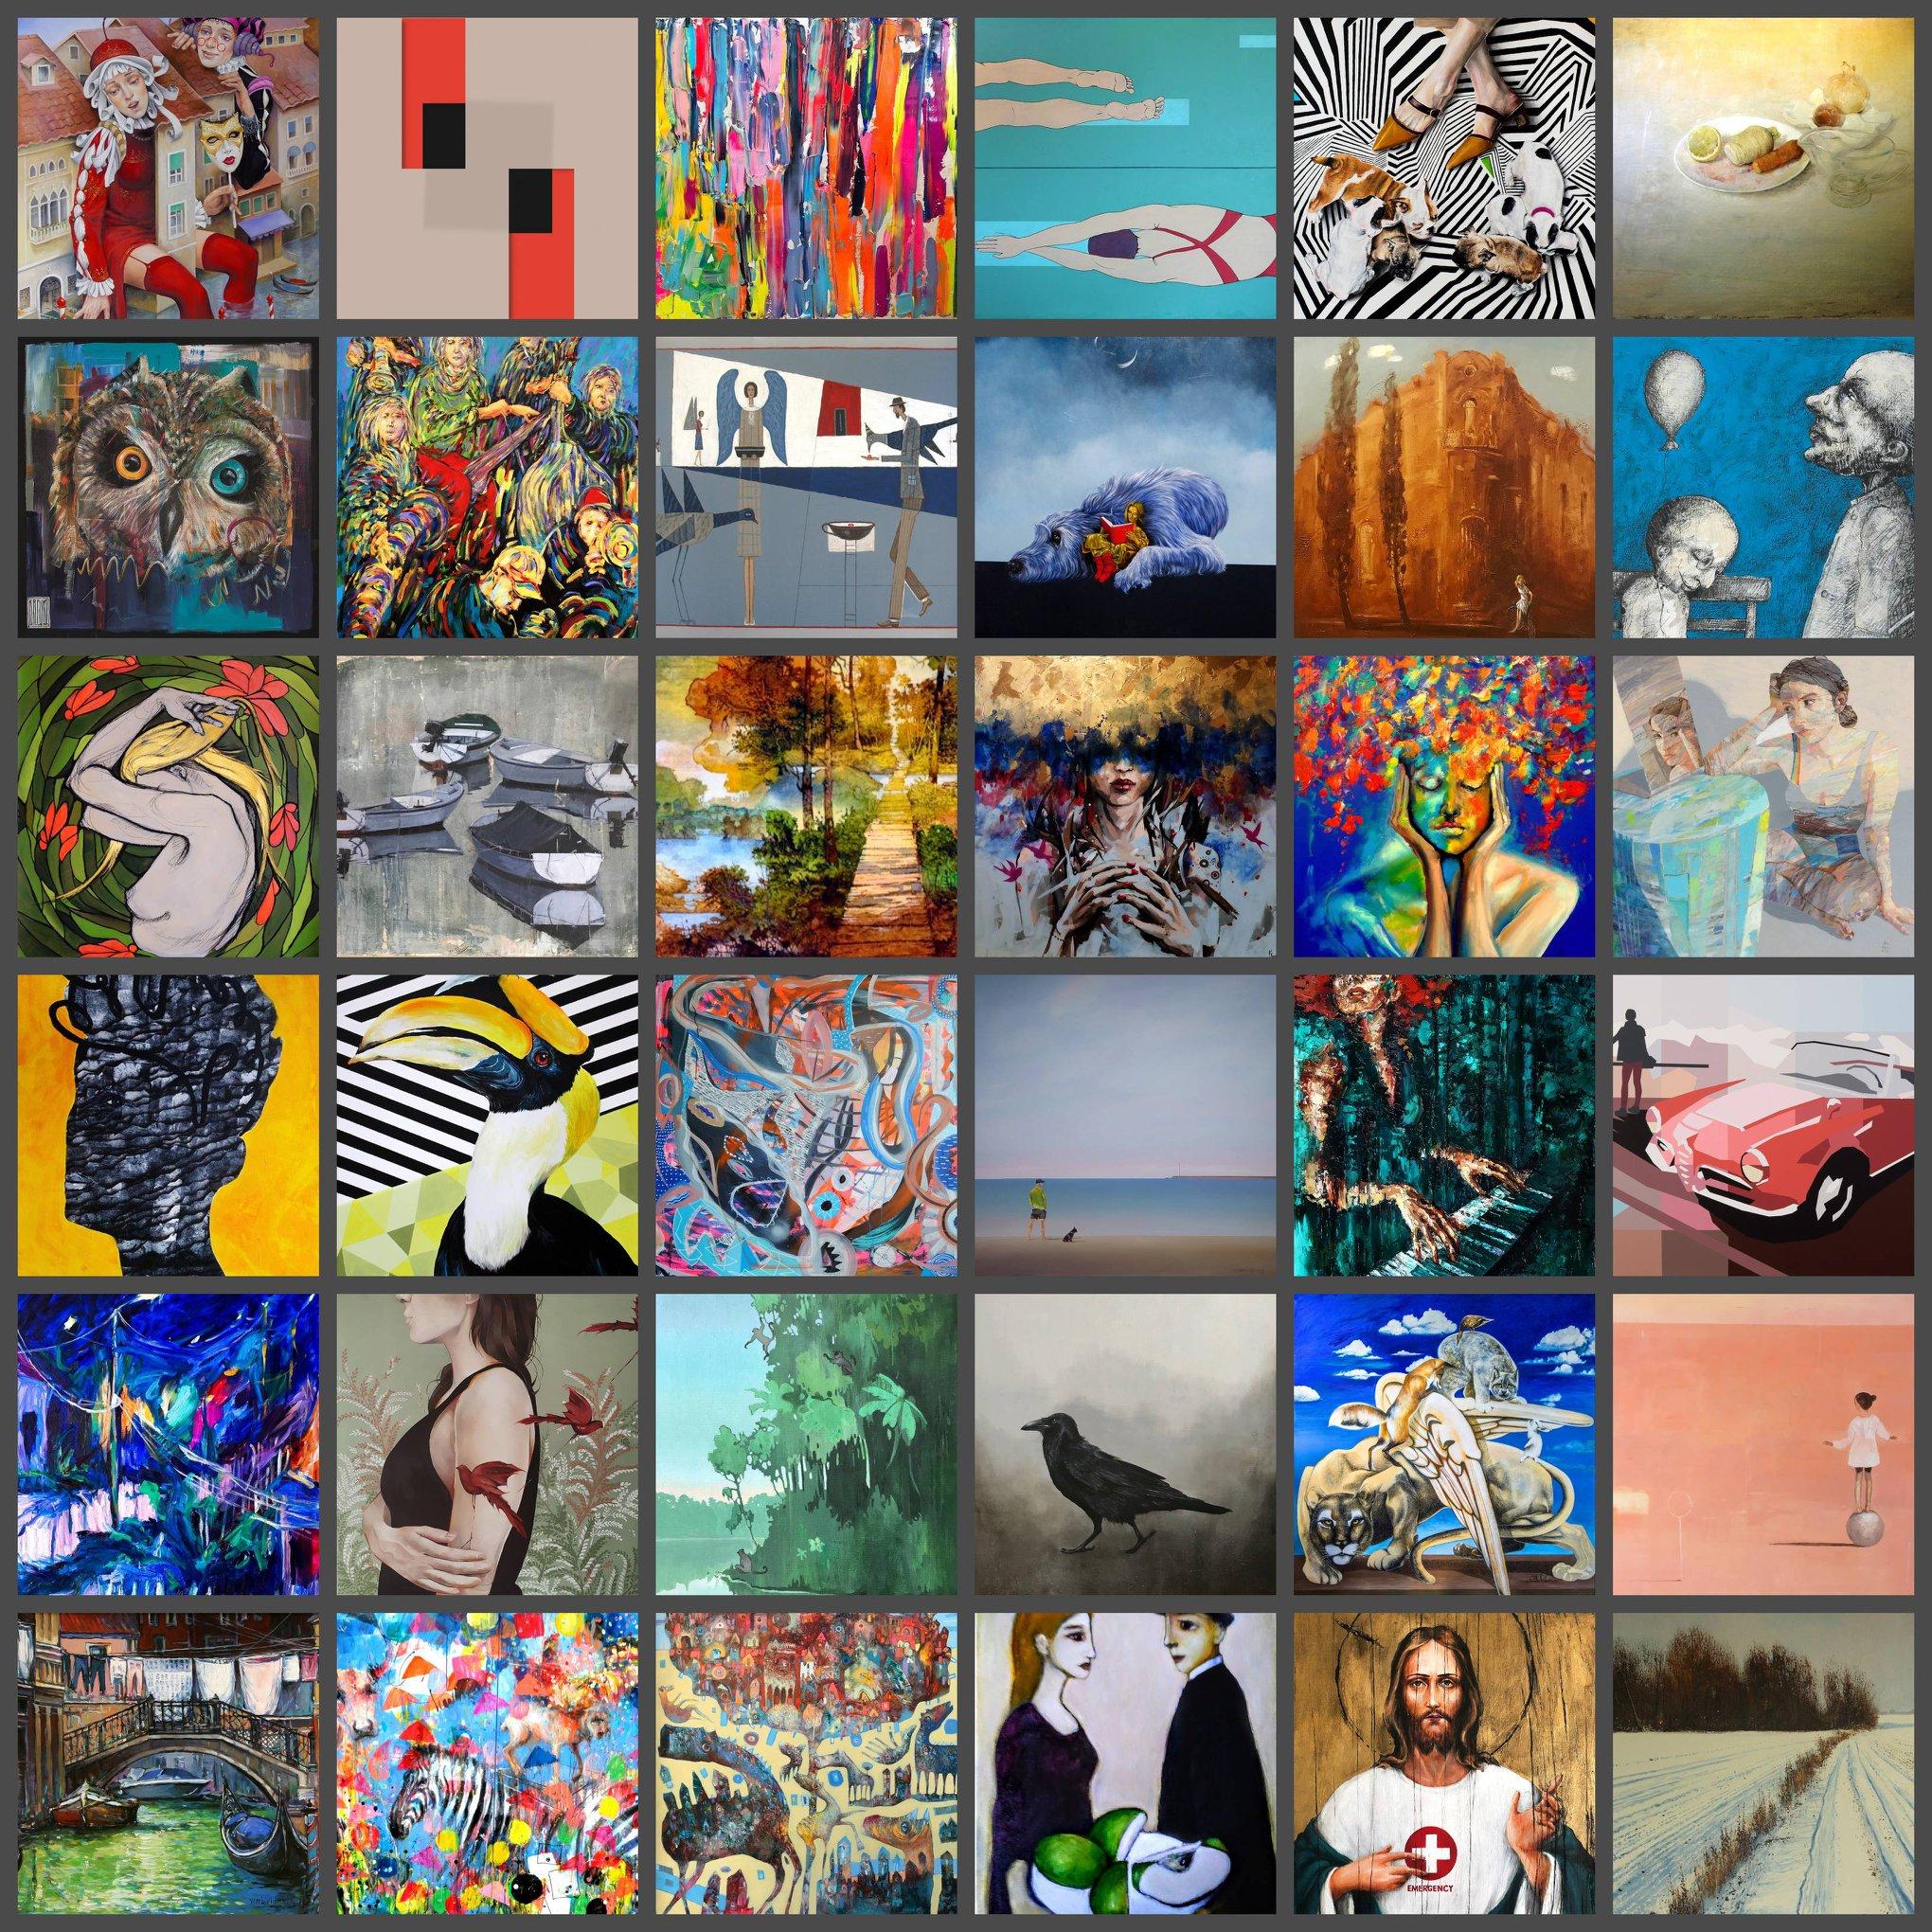 38 aukcja nowej sztuki, dom aukcyjny, wyniki, styczen 2020